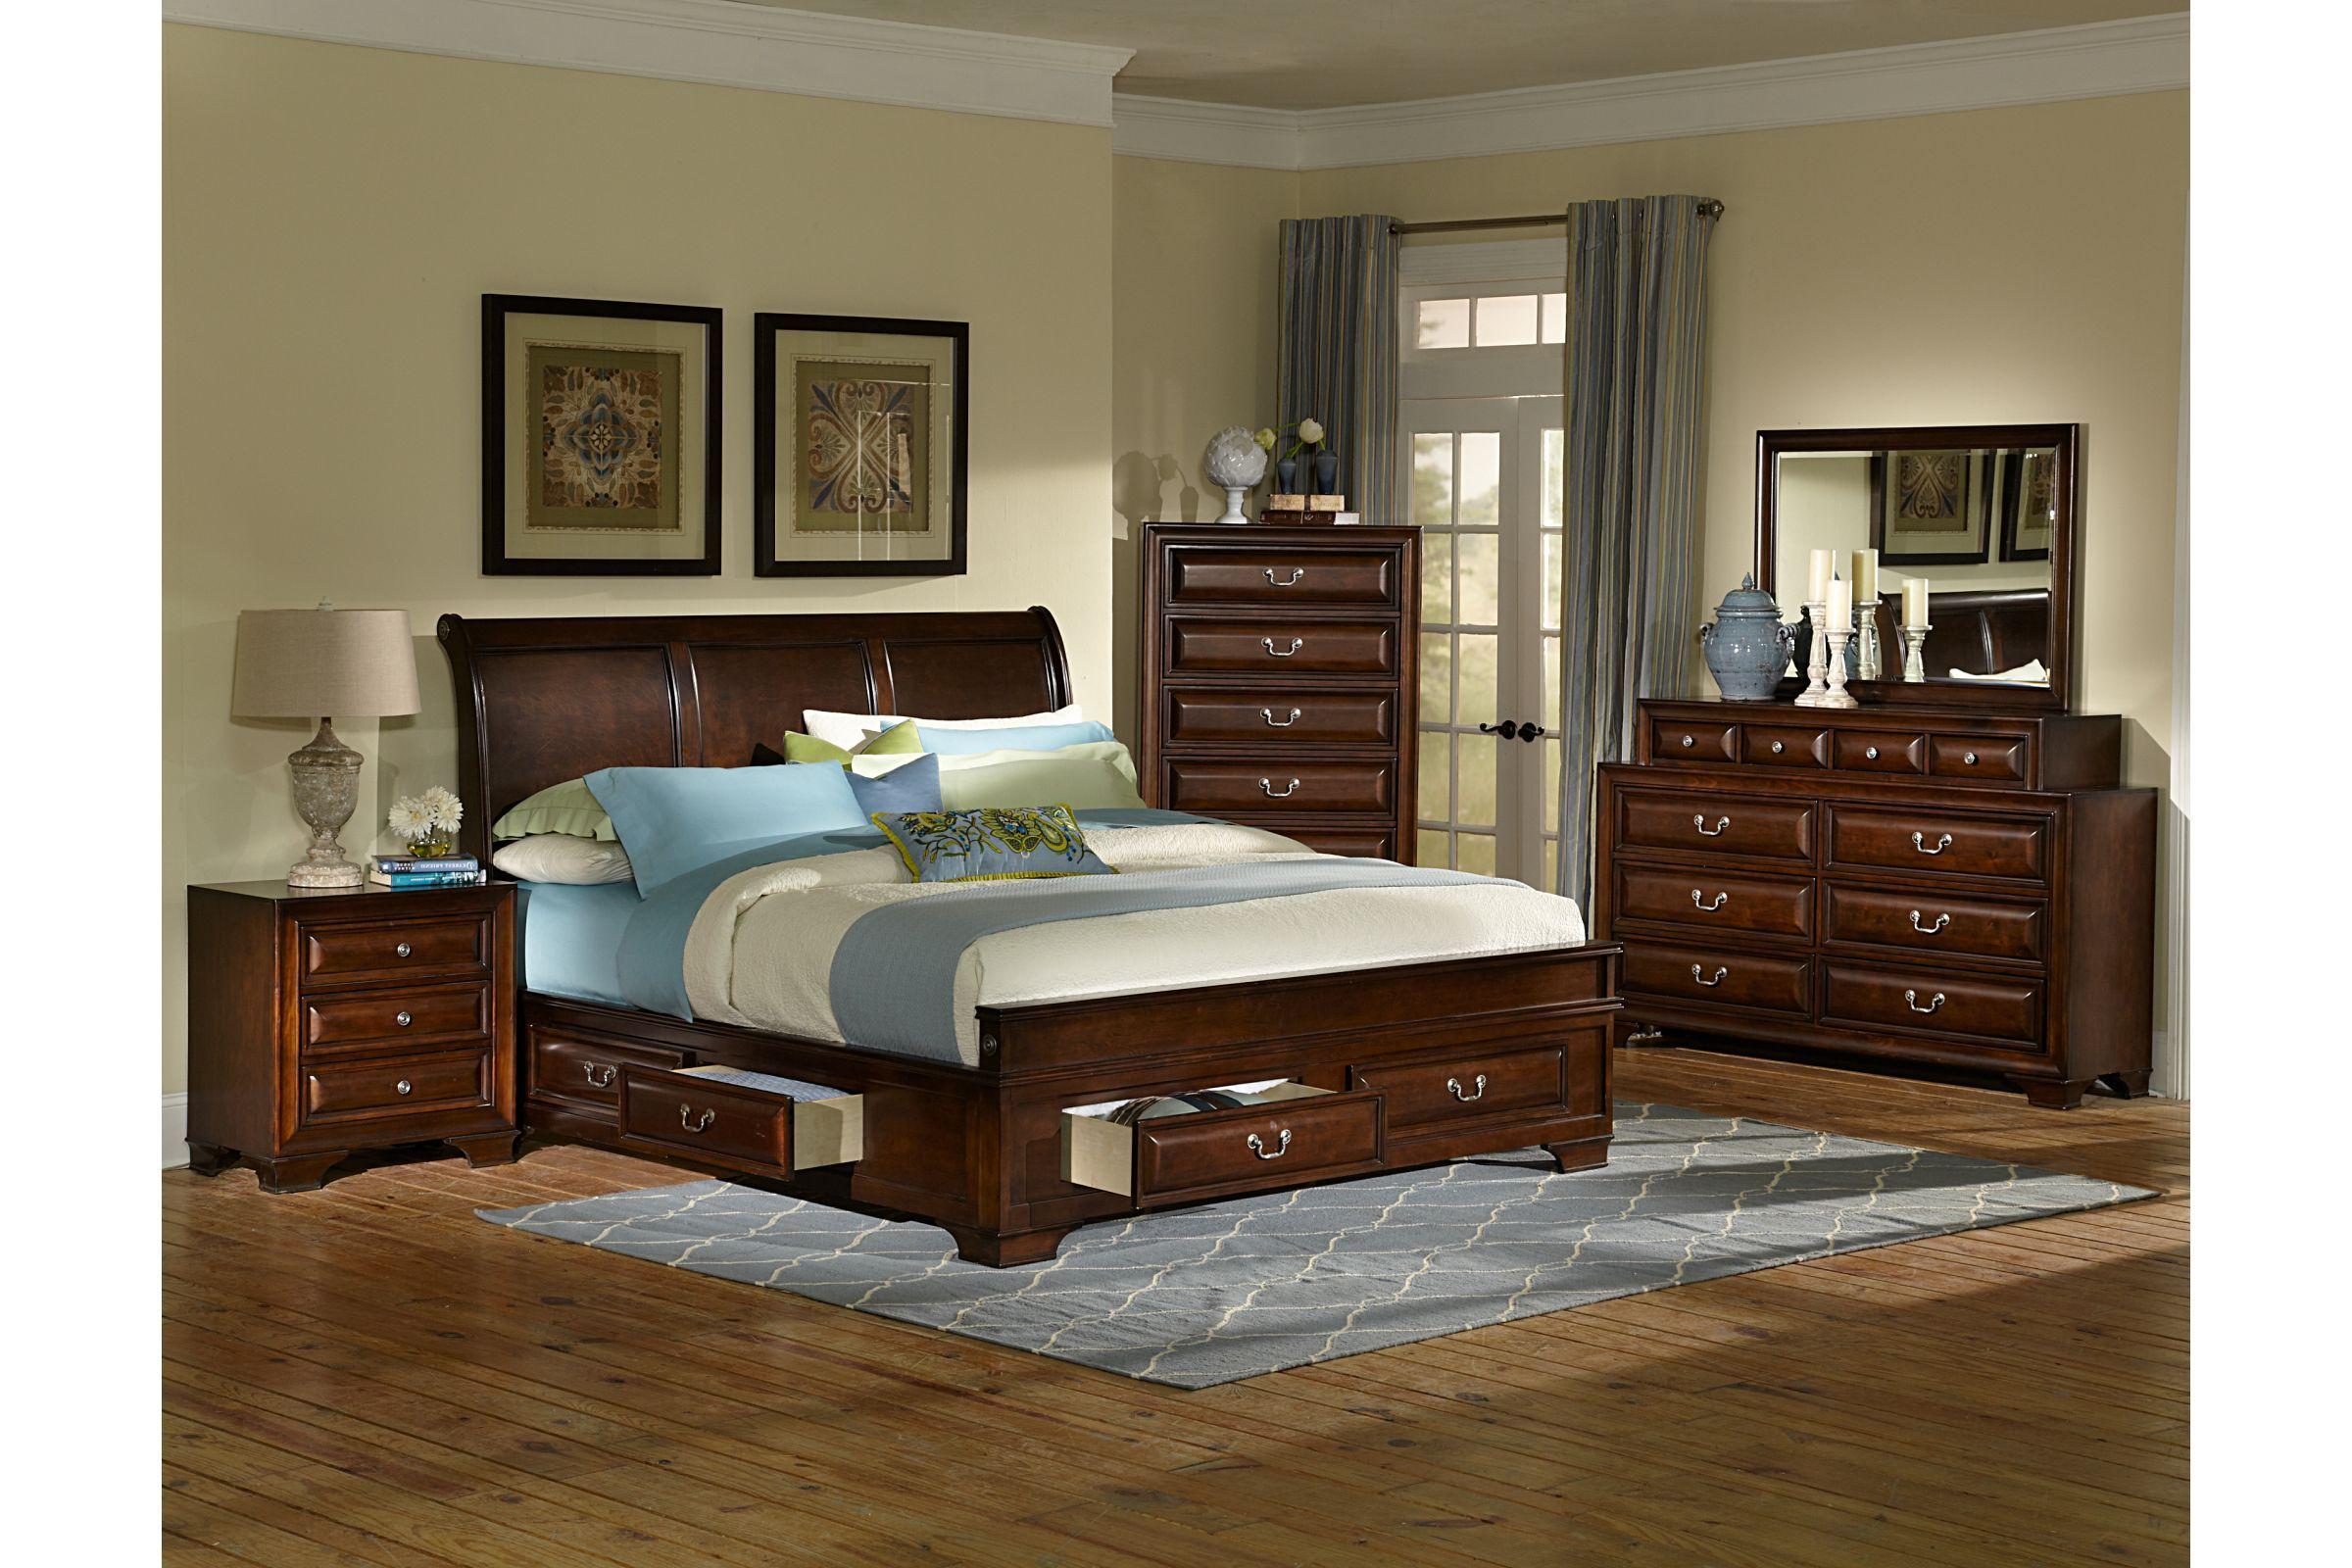 Cadence 4 Piece Queen Bedroom Set At Gardner White